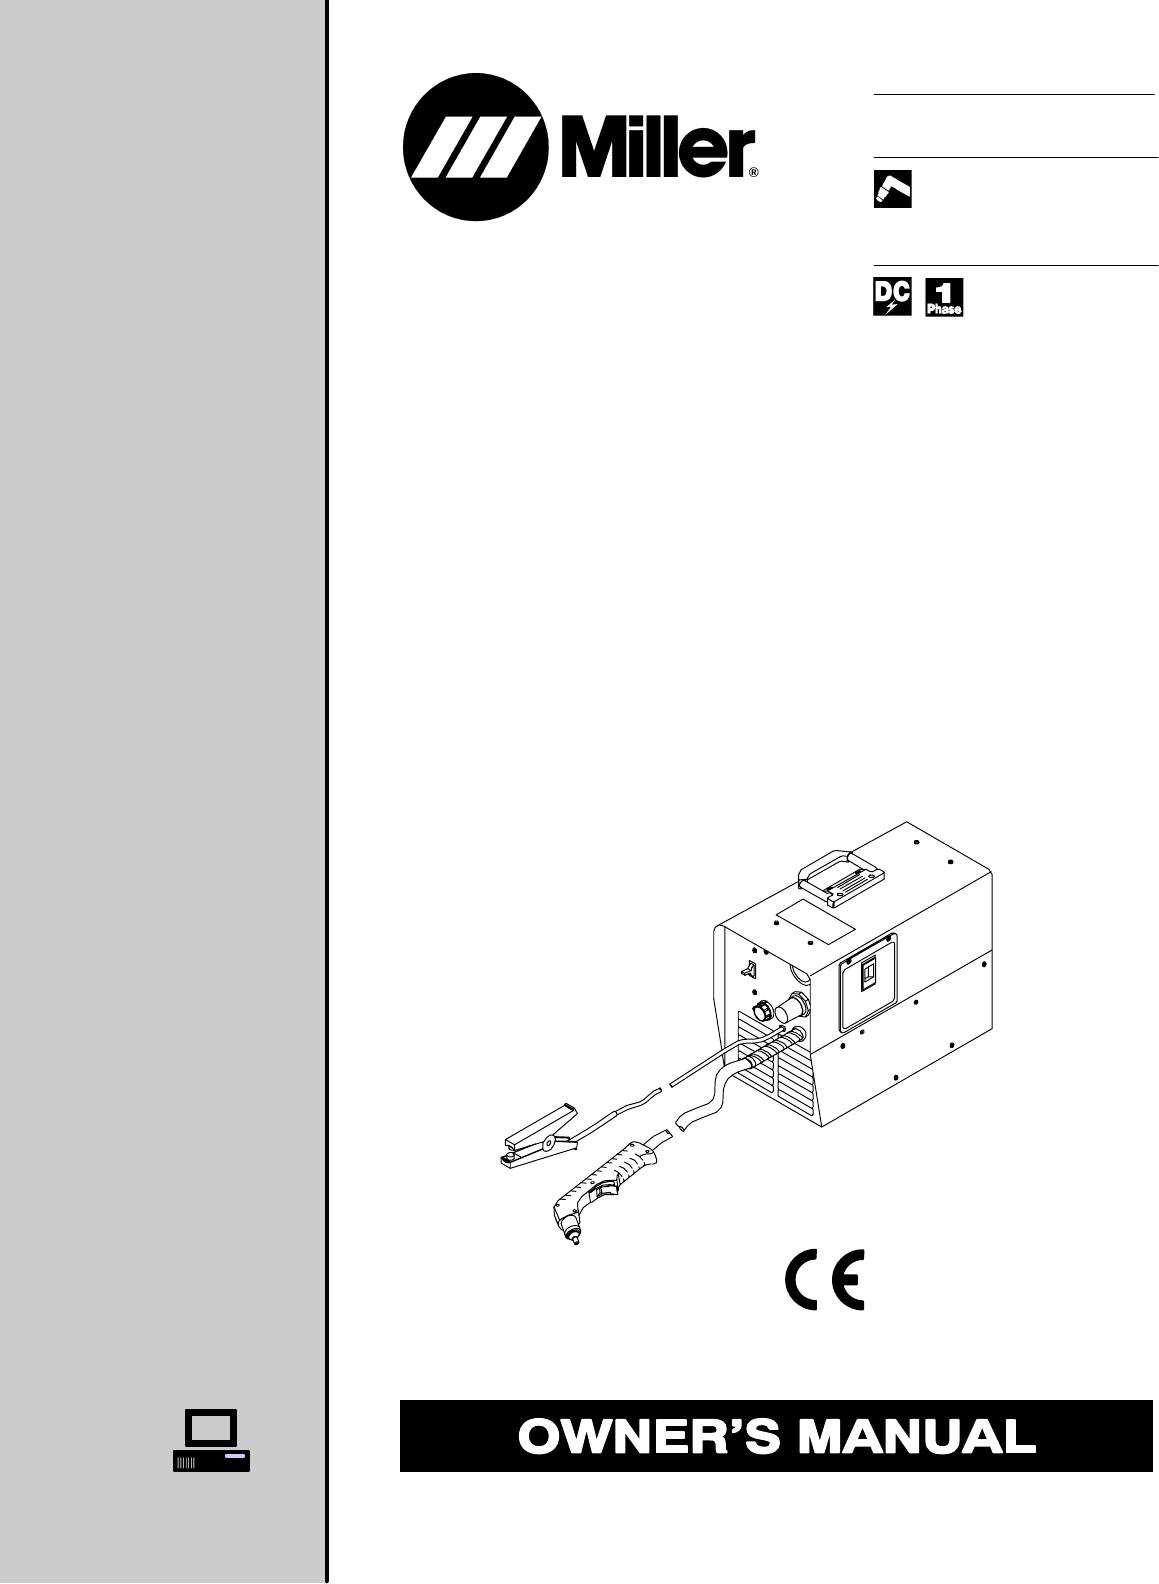 Miller Electric Welder 375 User Guide